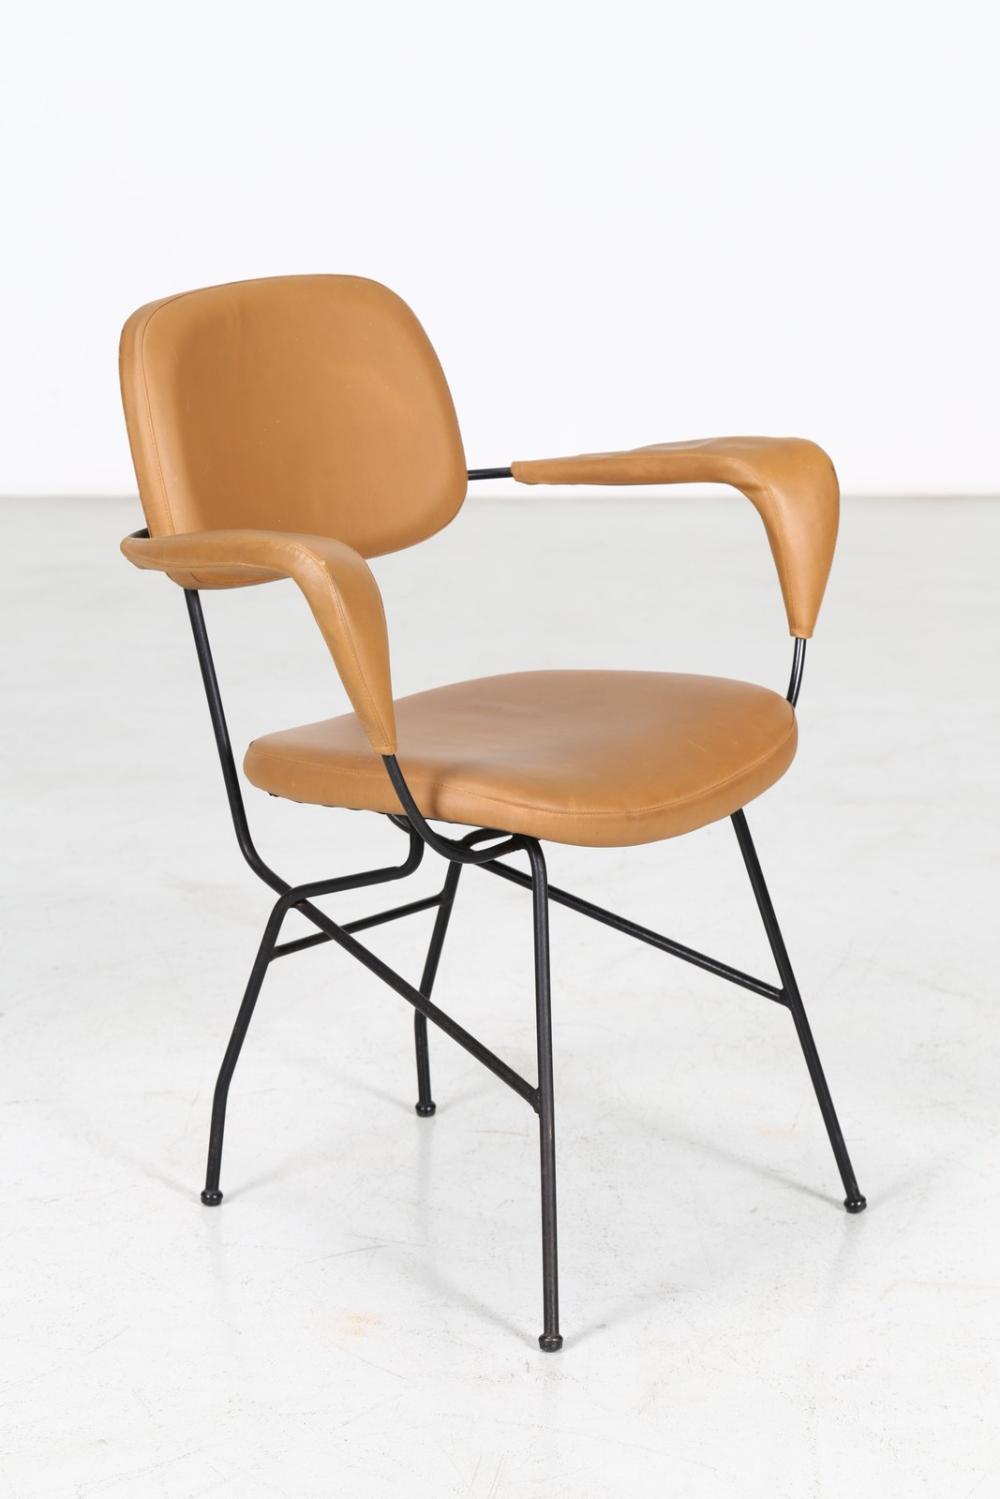 ITALIAN MANUFACTURE Chair